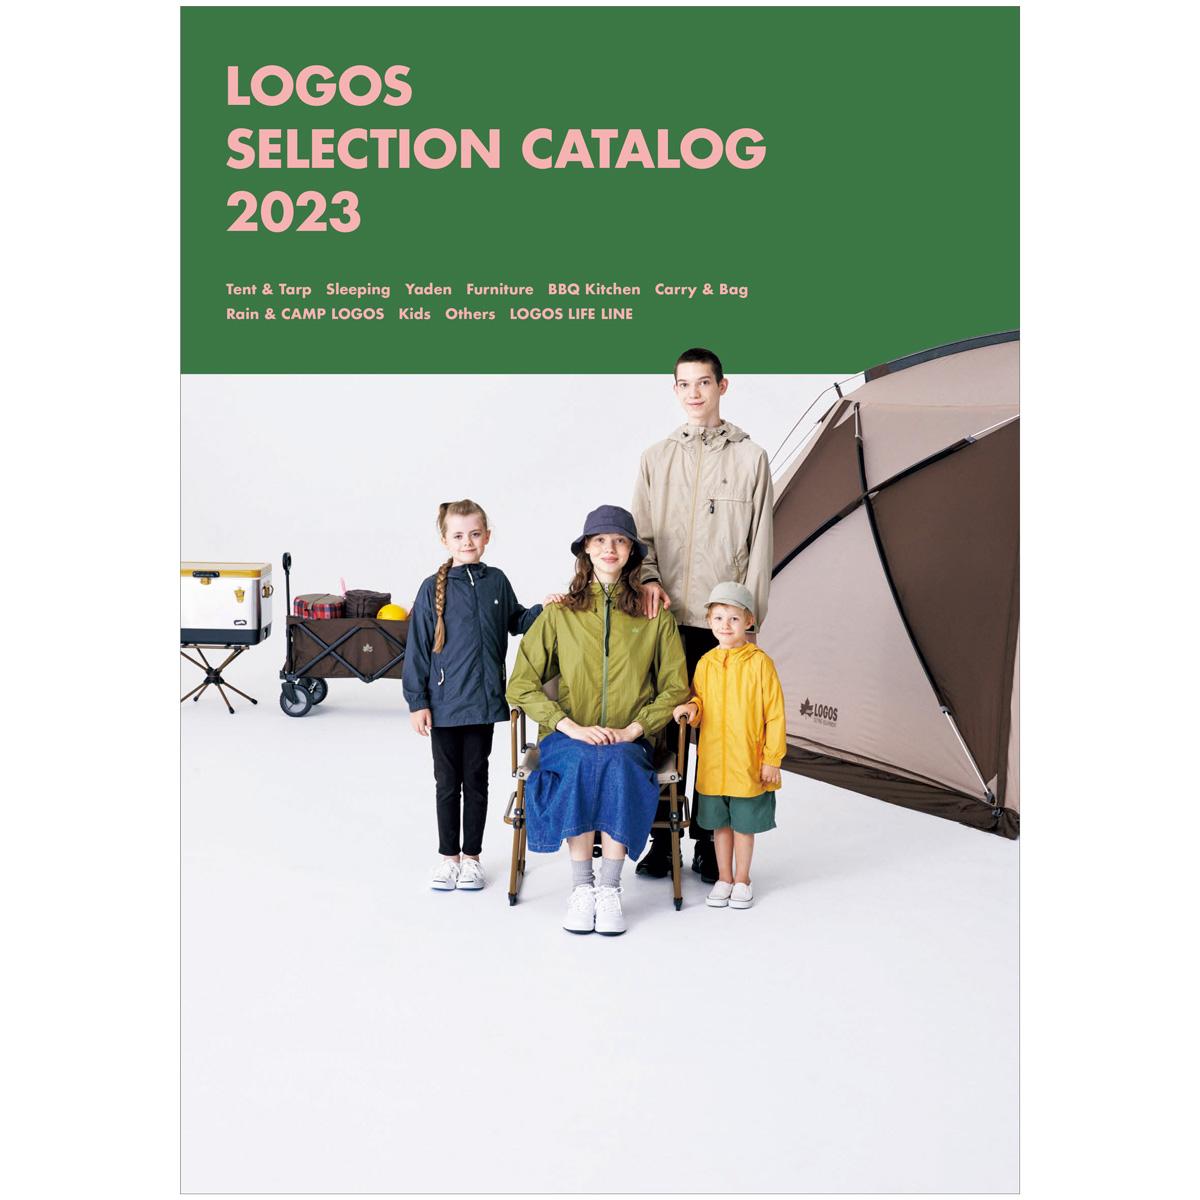 LOGOS 2021 SELECTION CATALOG